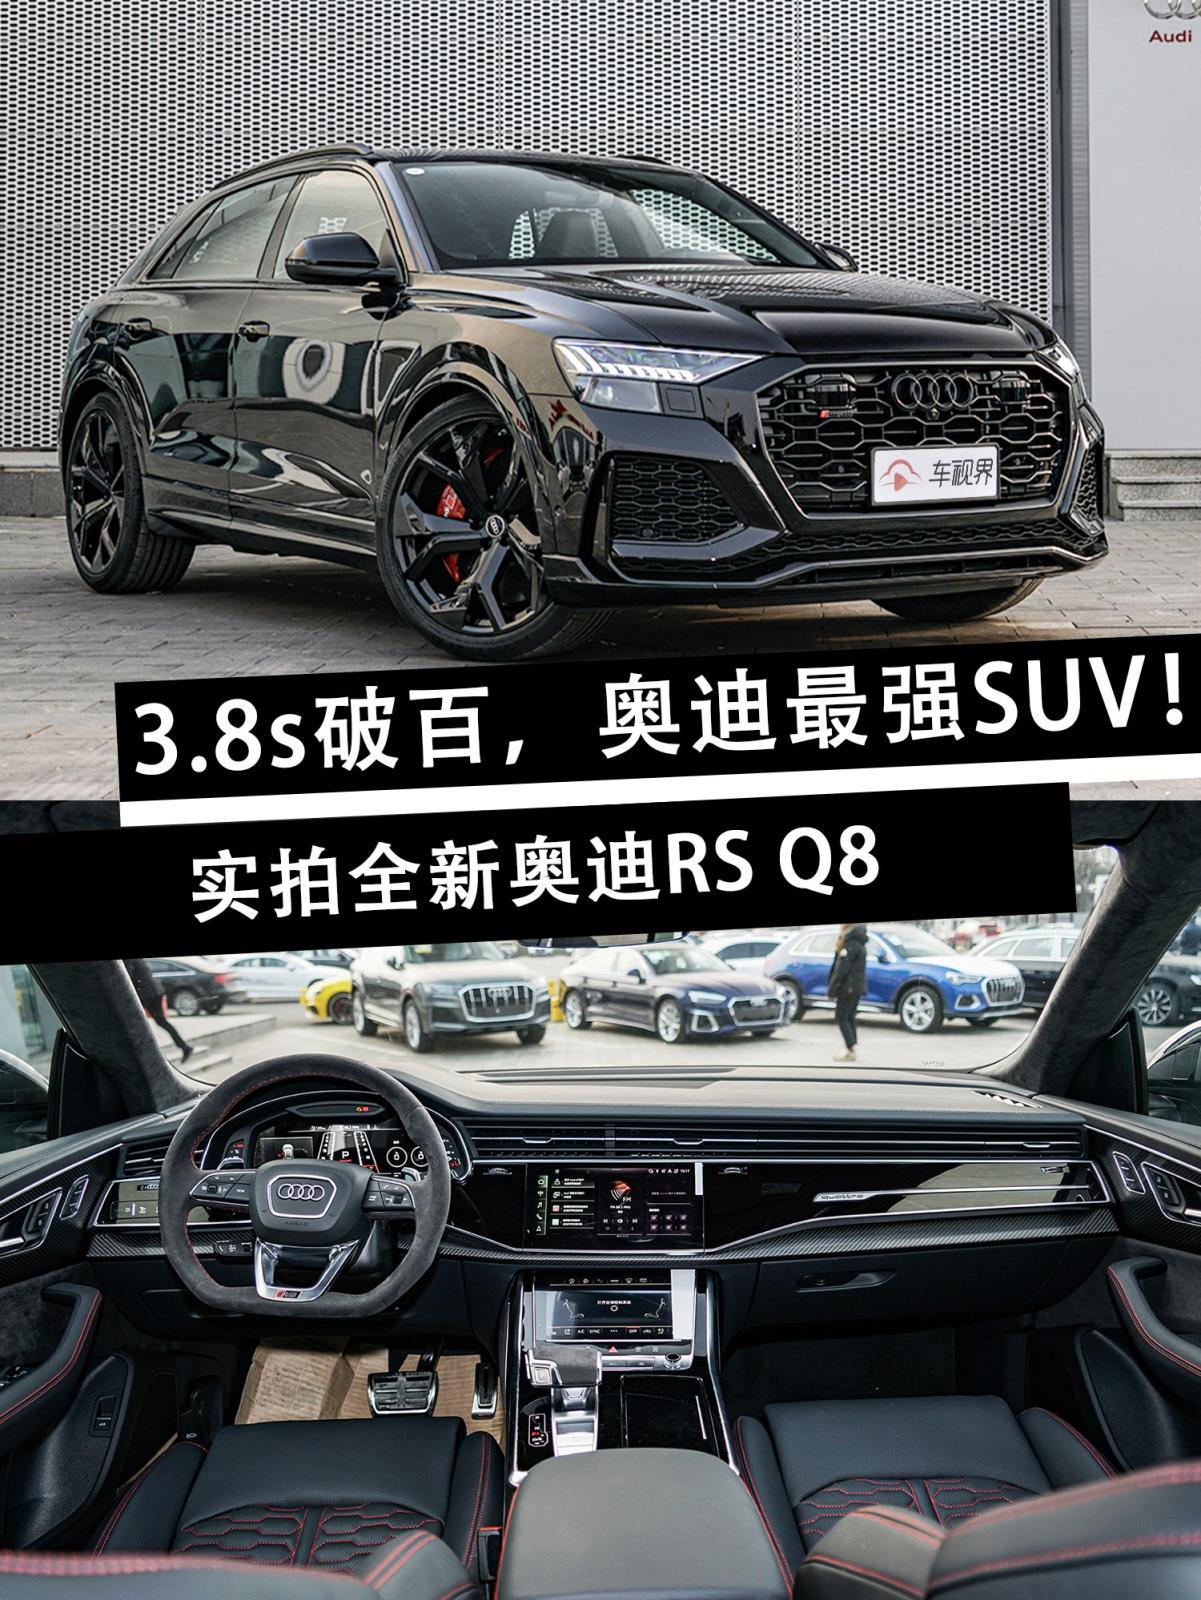 奥迪最快量产SUV/零百加速仅3.8秒 实拍全新奥迪RS Q8